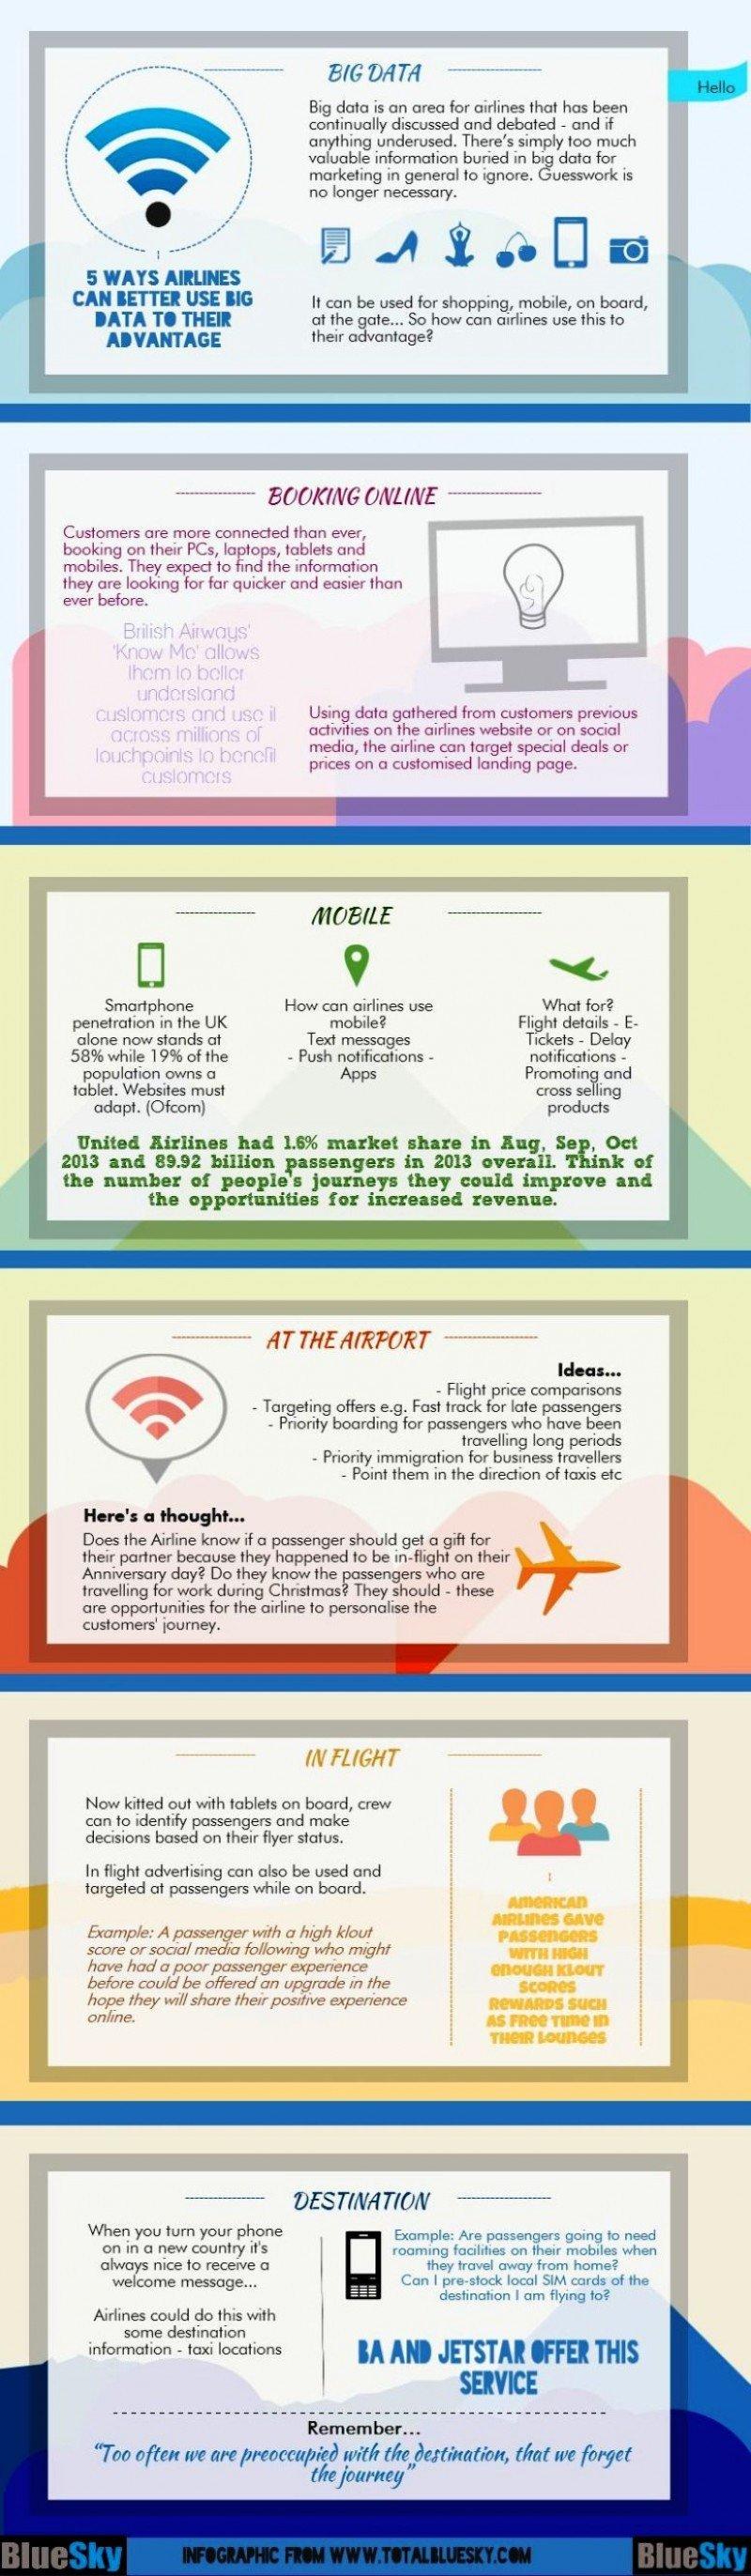 Infografía: 5 formas en que las aerolíneas pueden sacar provecho del Big Data